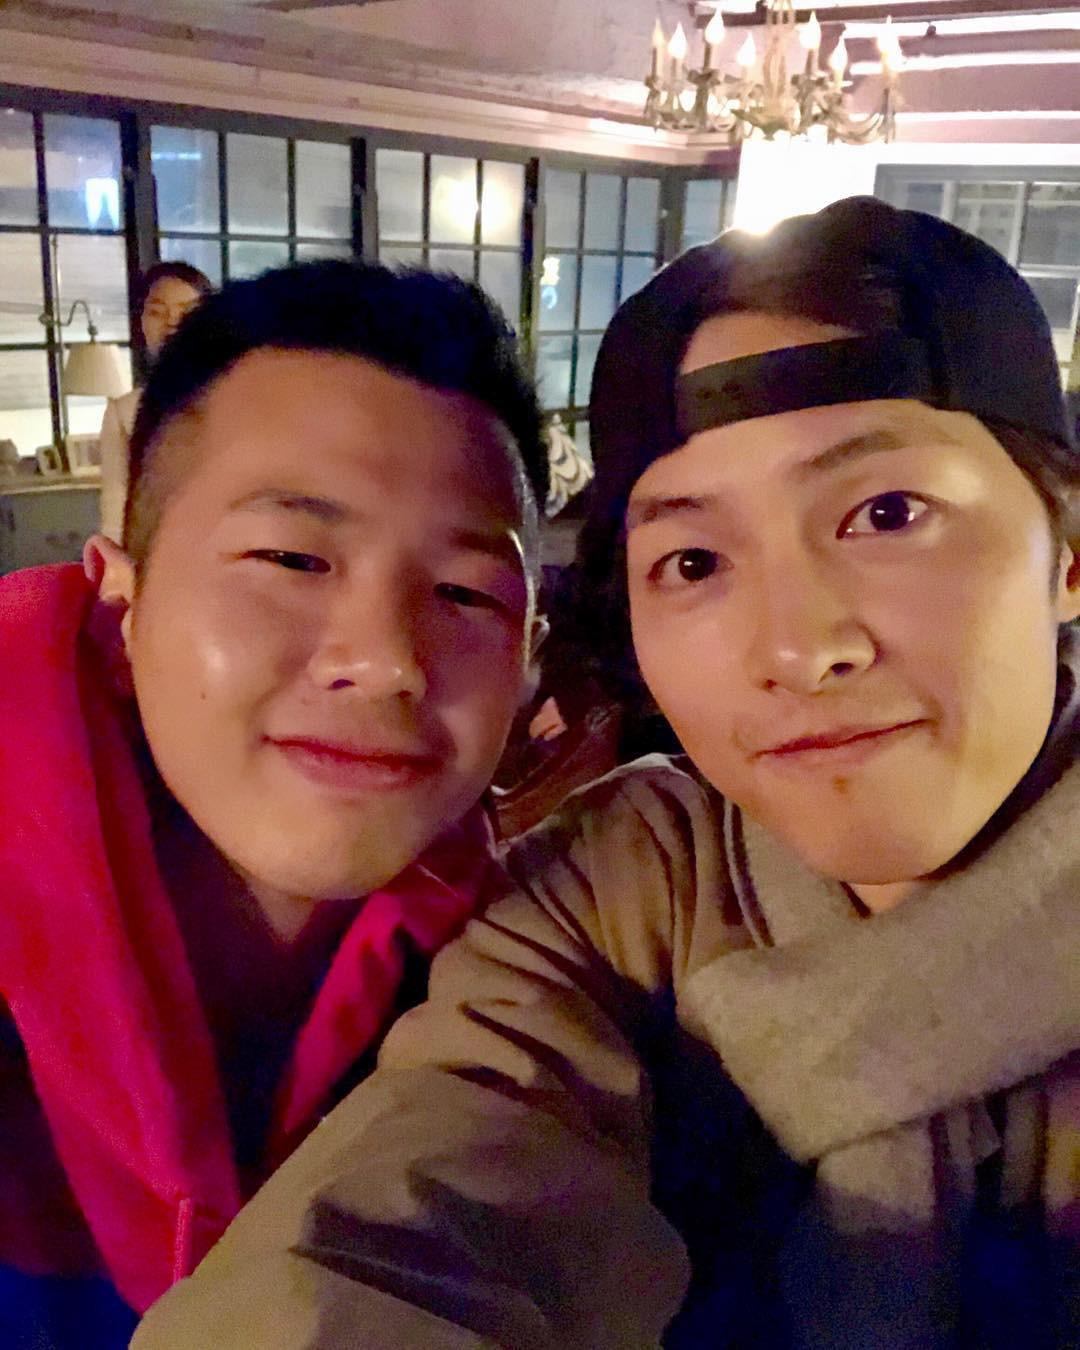 Sau thời gian dài chờ đợi, đại diện Song Joong Ki và Song Hye Kyo chính thức lên tiếng về tin đồn ly hôn